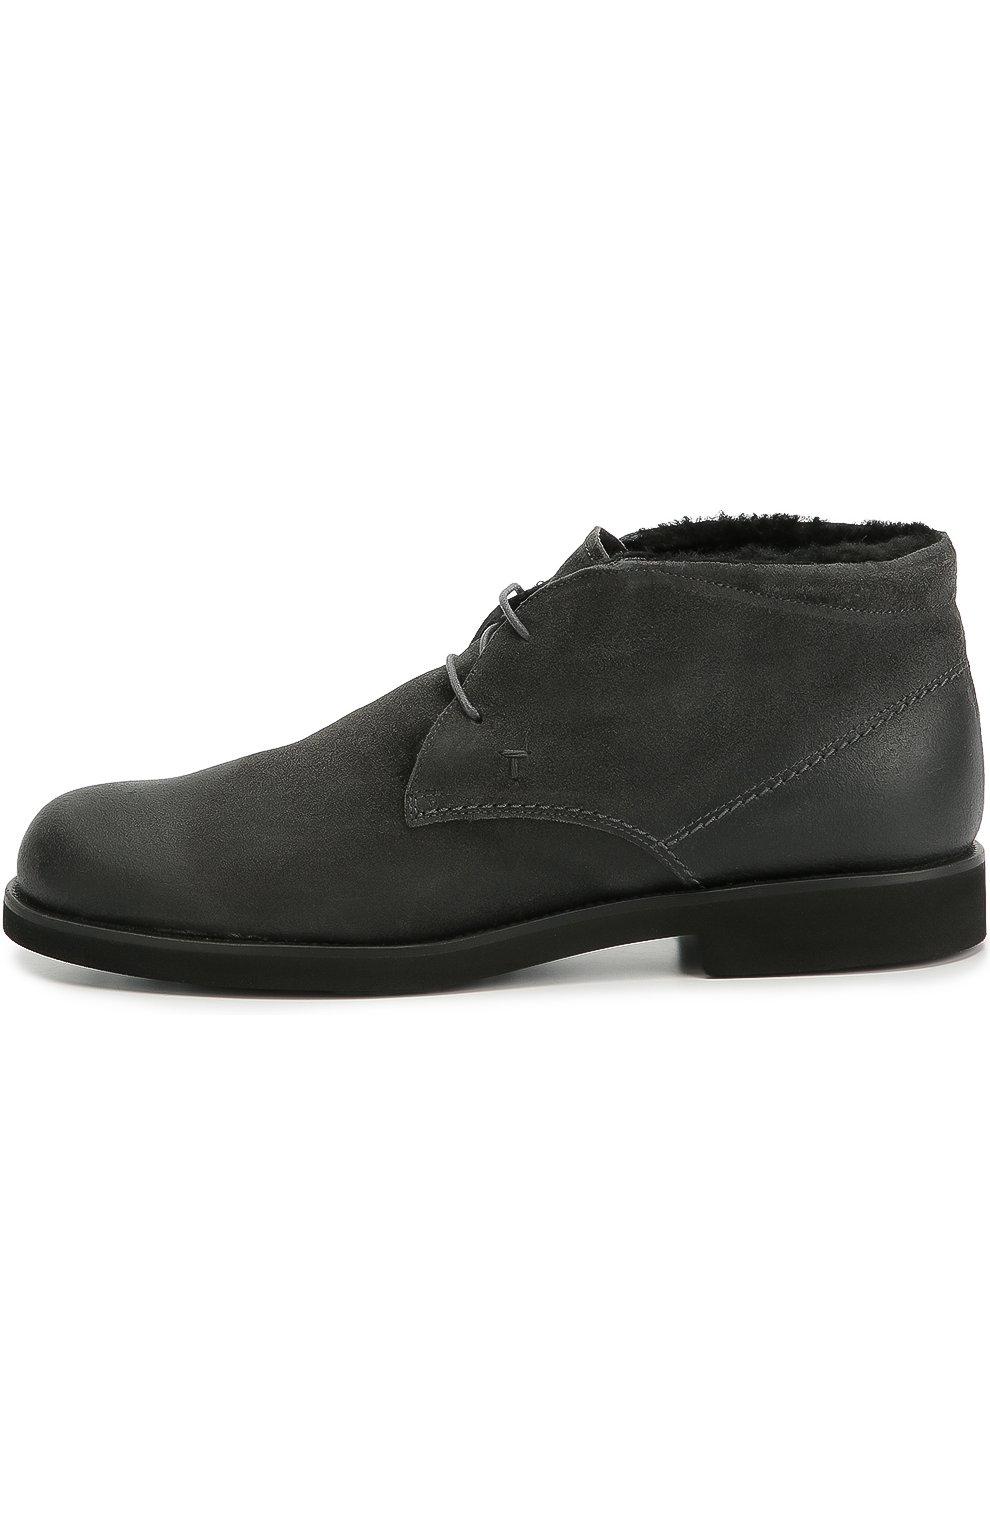 Замшевые ботинки с внутренней отделкой из овчины | Фото №1